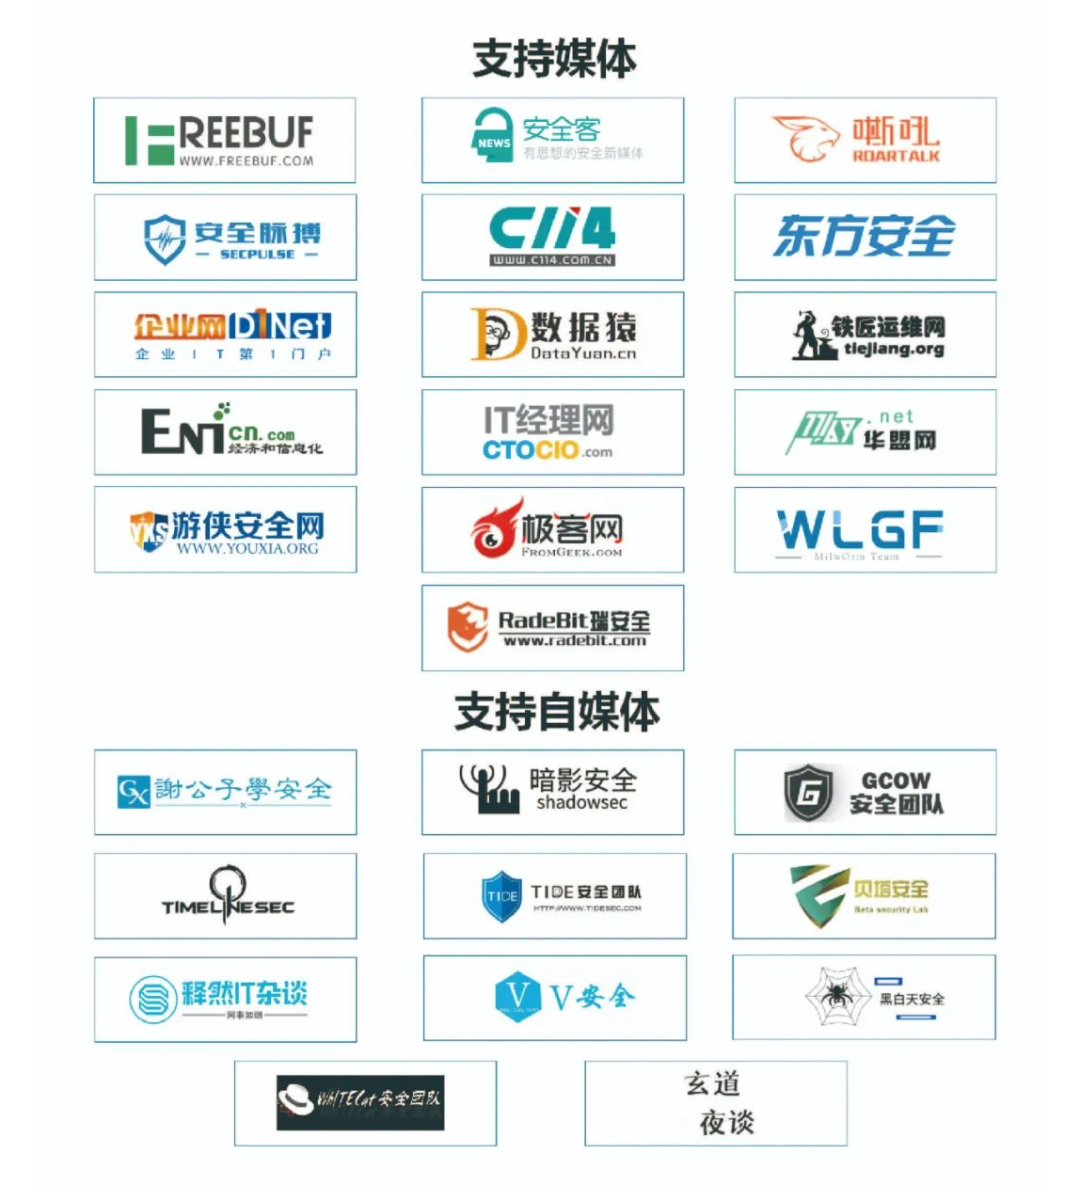 完美落幕   EISS-2020企业信息安全峰会之上海站 11月27日成功举办-RadeBit瑞安全